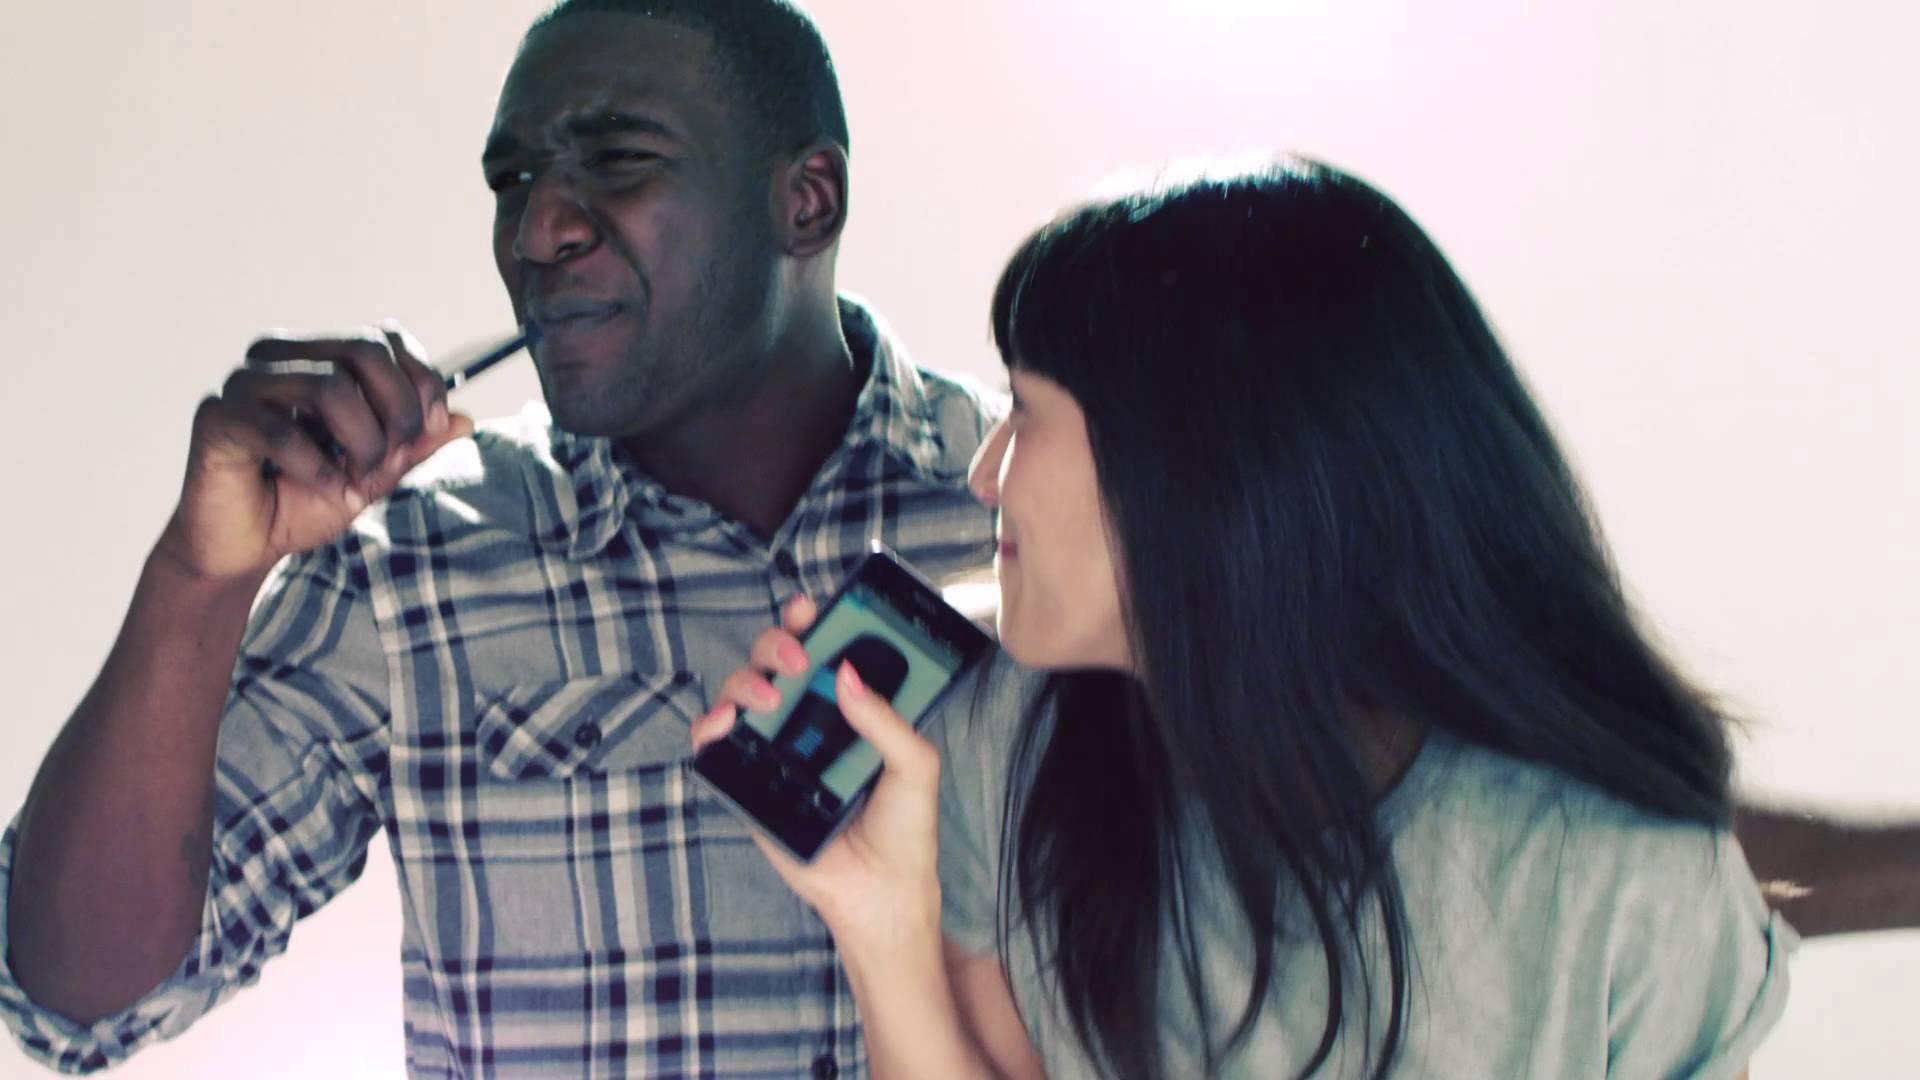 Singstar Ultimate Party Erscheinungstermin und Songliste veröffentlicht